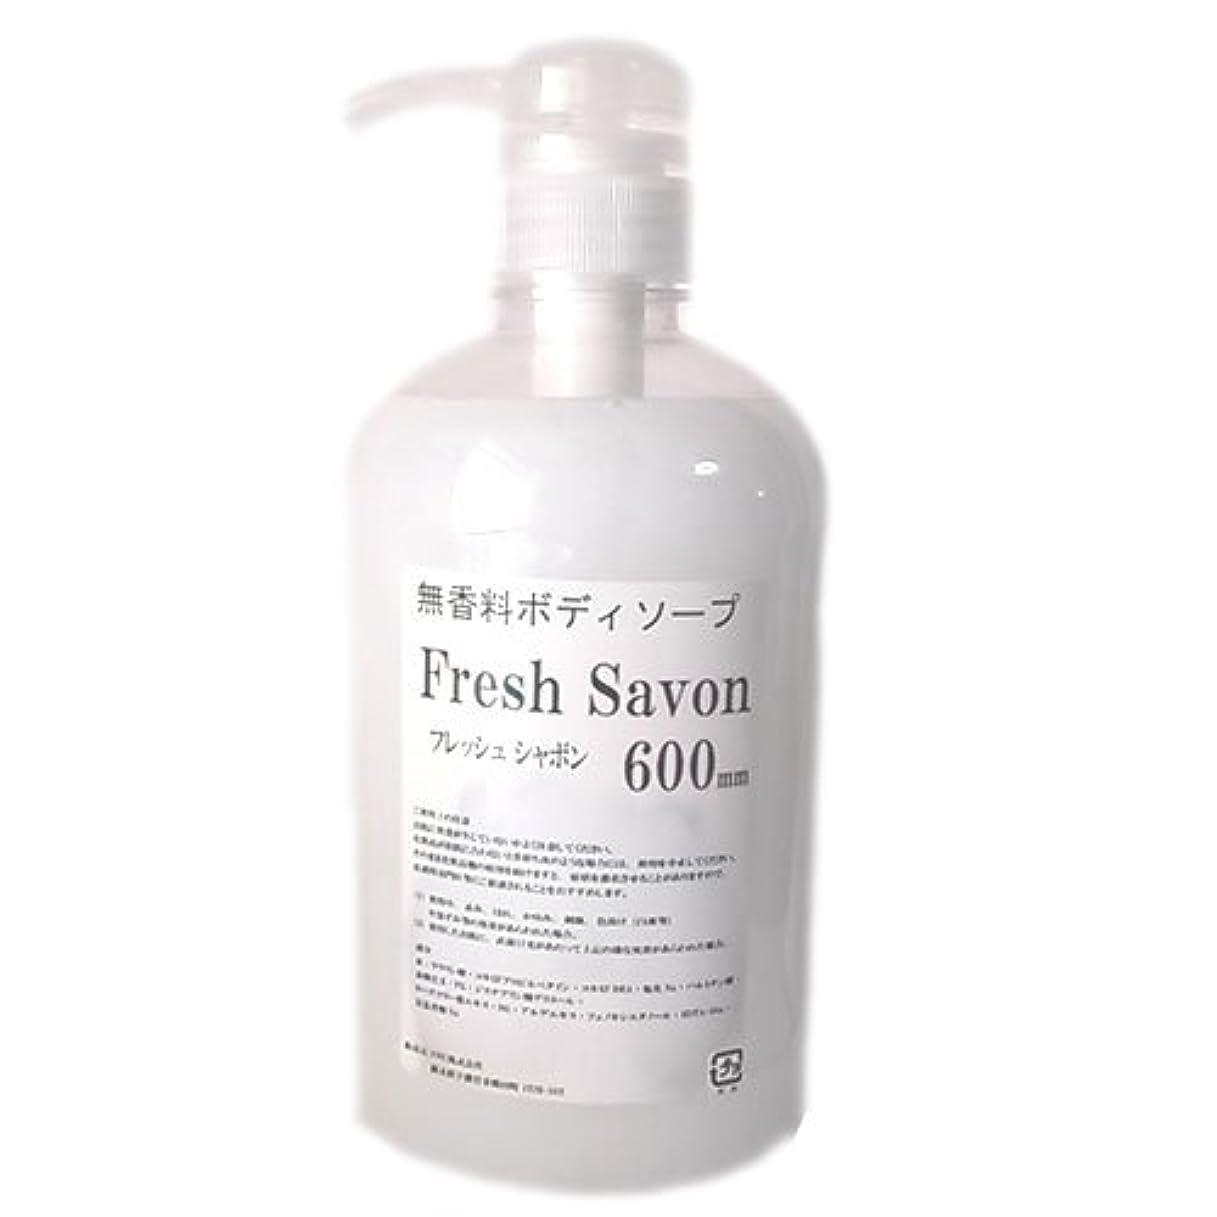 誠実さビルダー有用無香料ボディソープ フレッシュシャボン 600mL 香りが残らないタイプ (10本セット)